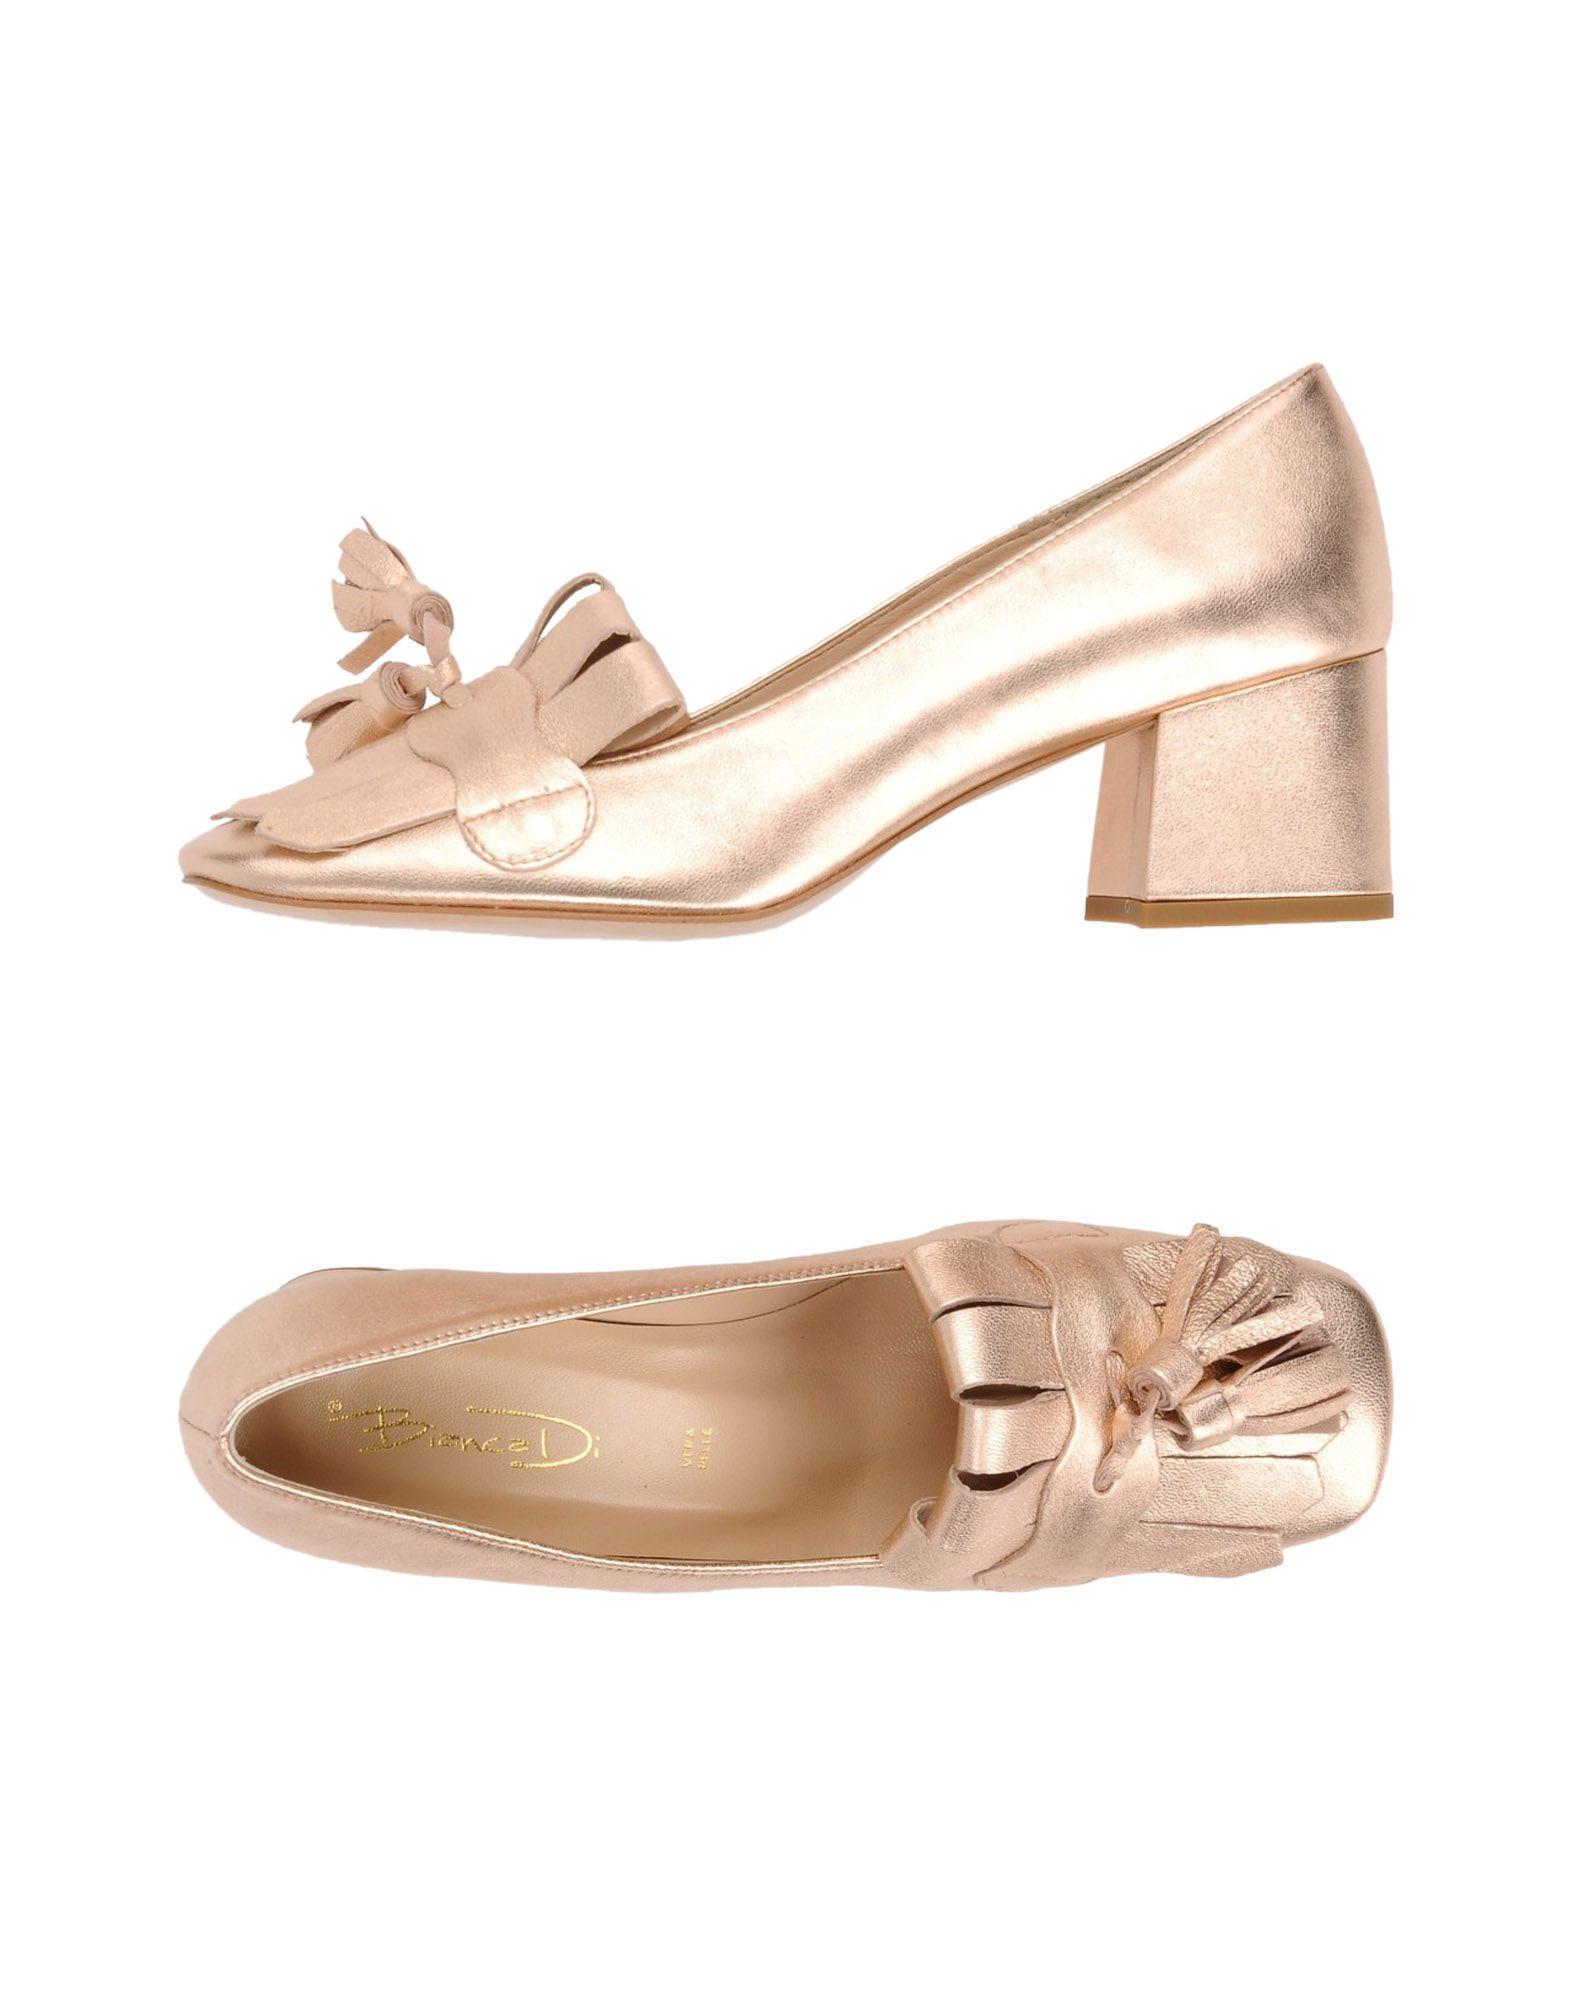 Bianca Di Mokassins Damen beliebte  11440901JJ Gute Qualität beliebte Damen Schuhe 99157e